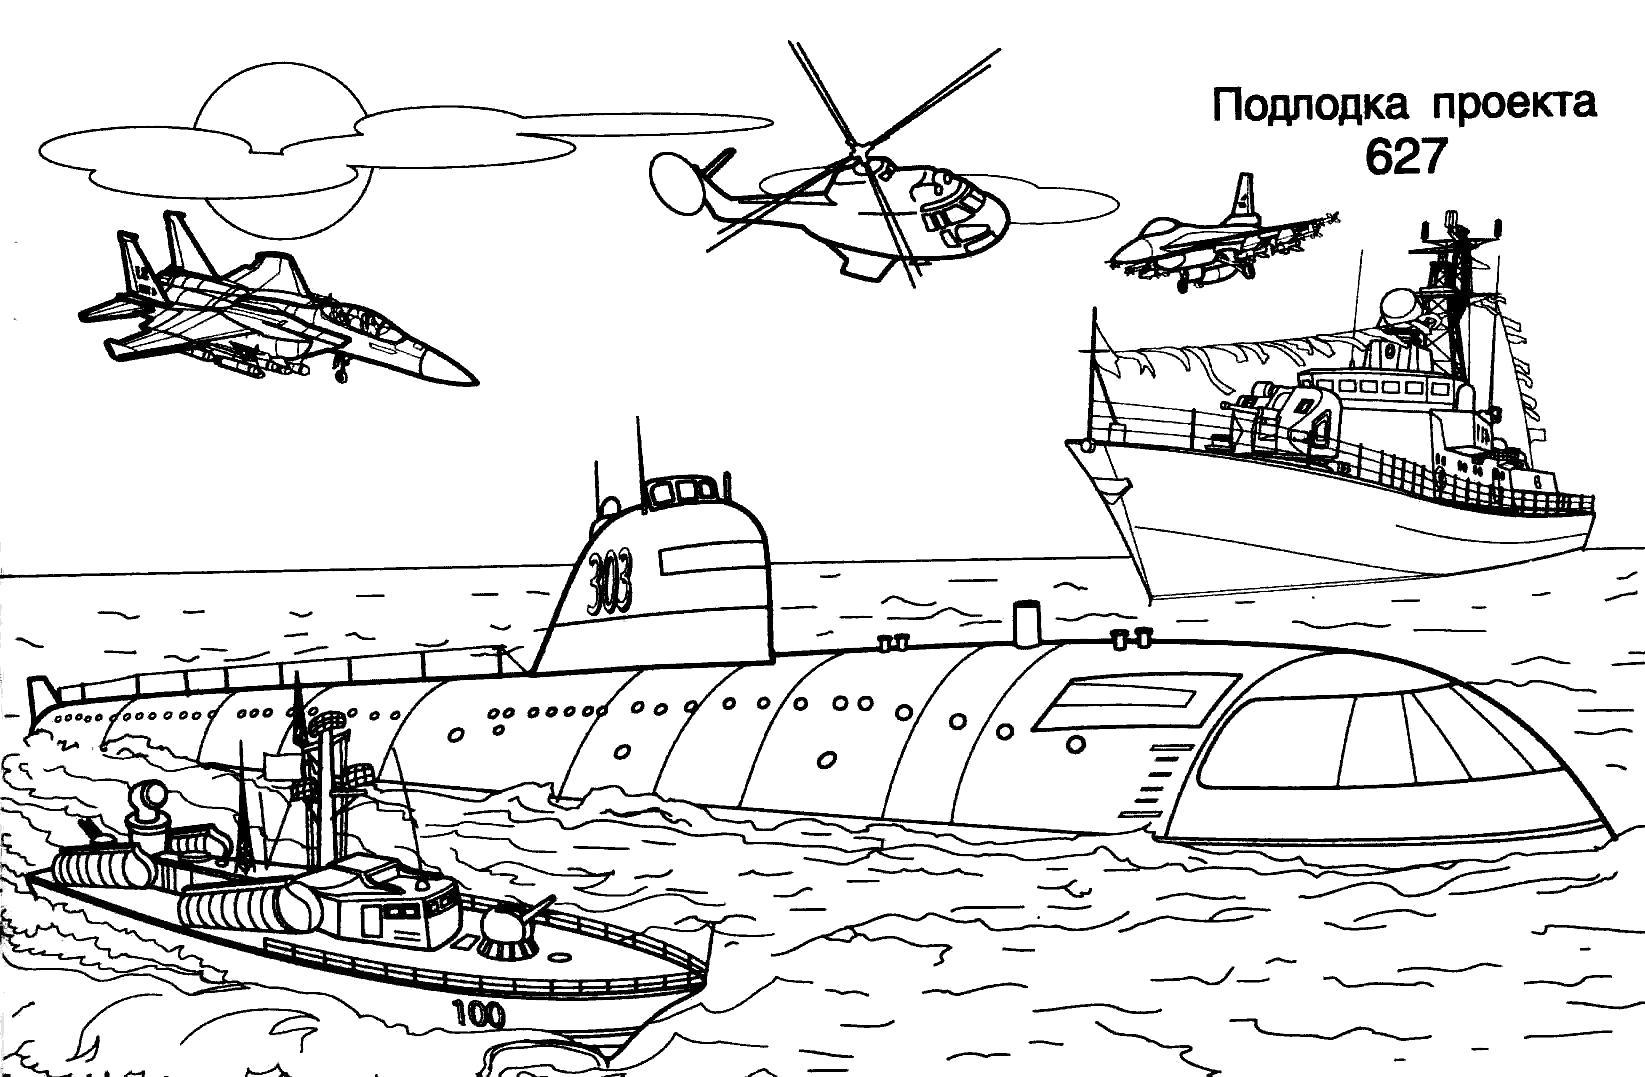 Раскраска  подлодка 627, корабли, вертолеты . Скачать вертолет.  Распечатать вертолет